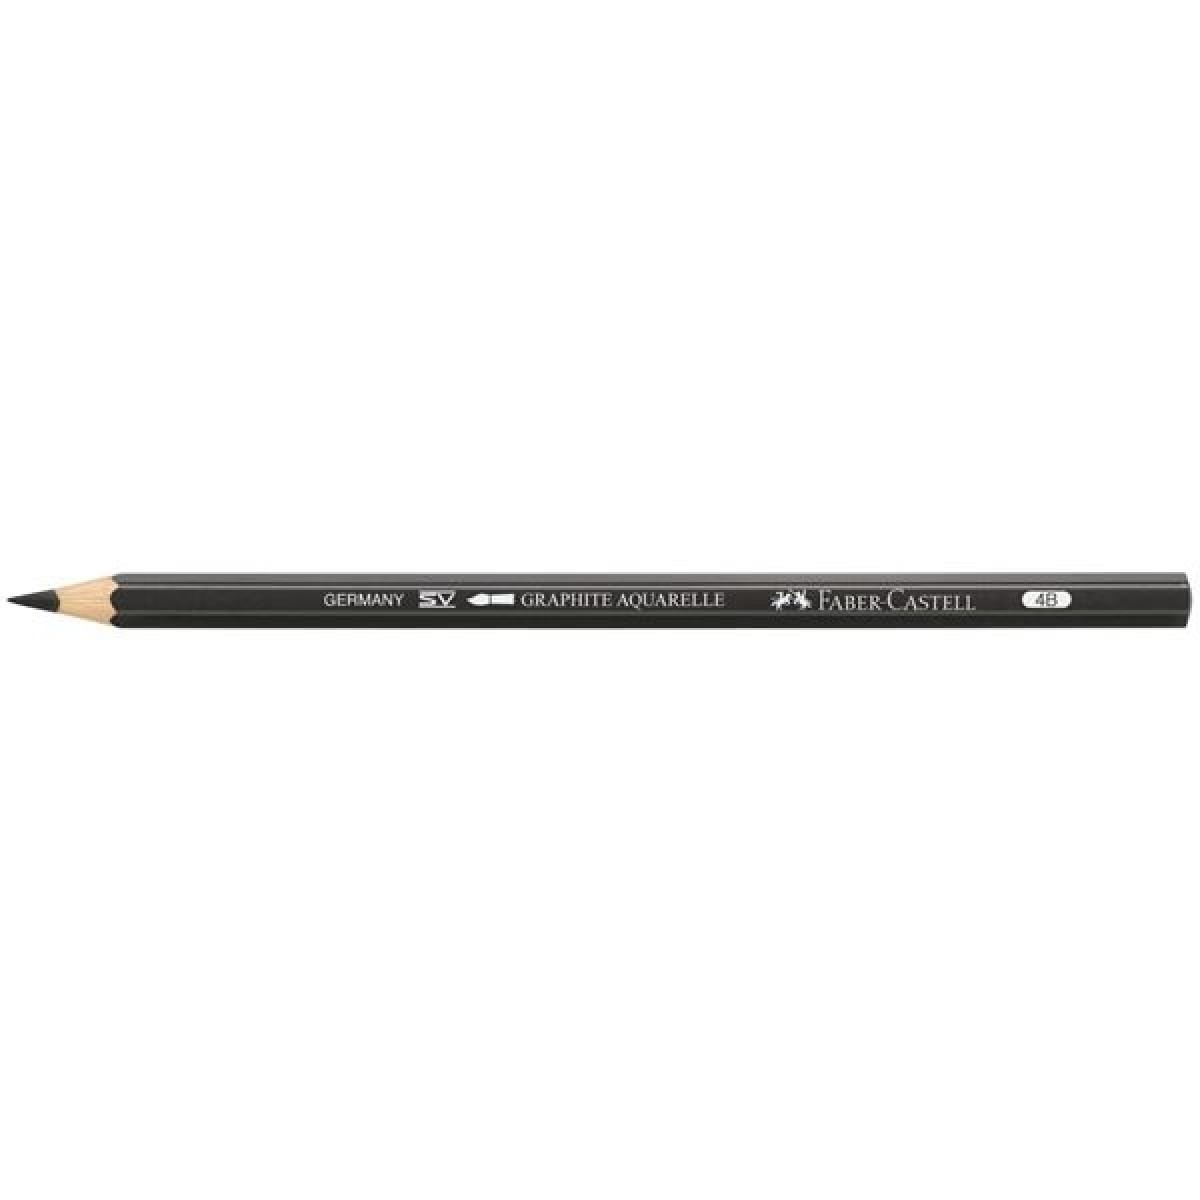 Faber Castell, akvarel blyant, 4B